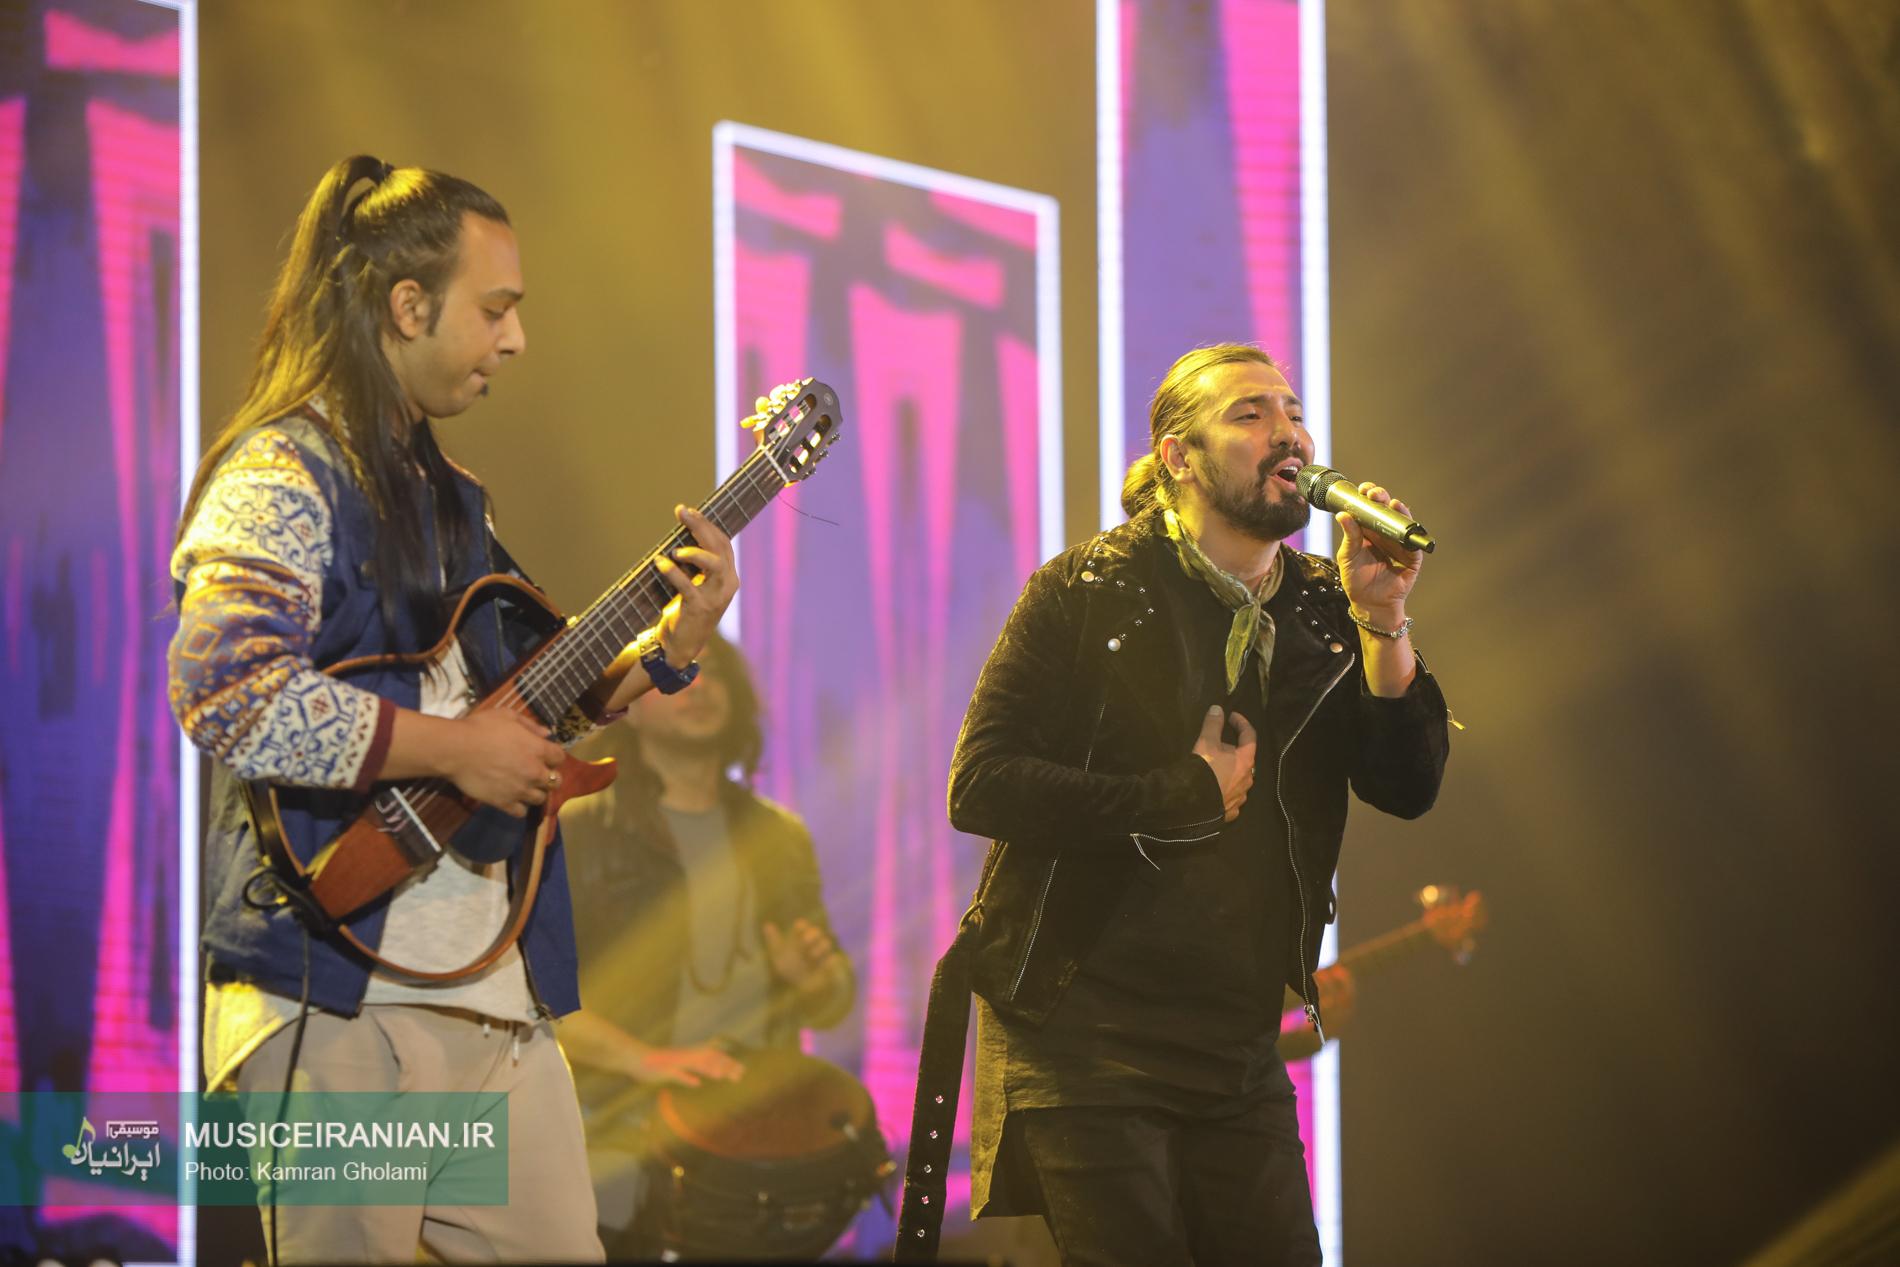 امیرعباس گلاب با «دعوا» روی صحنه رفت | گزارش تصویری موسیقی ایرانیان